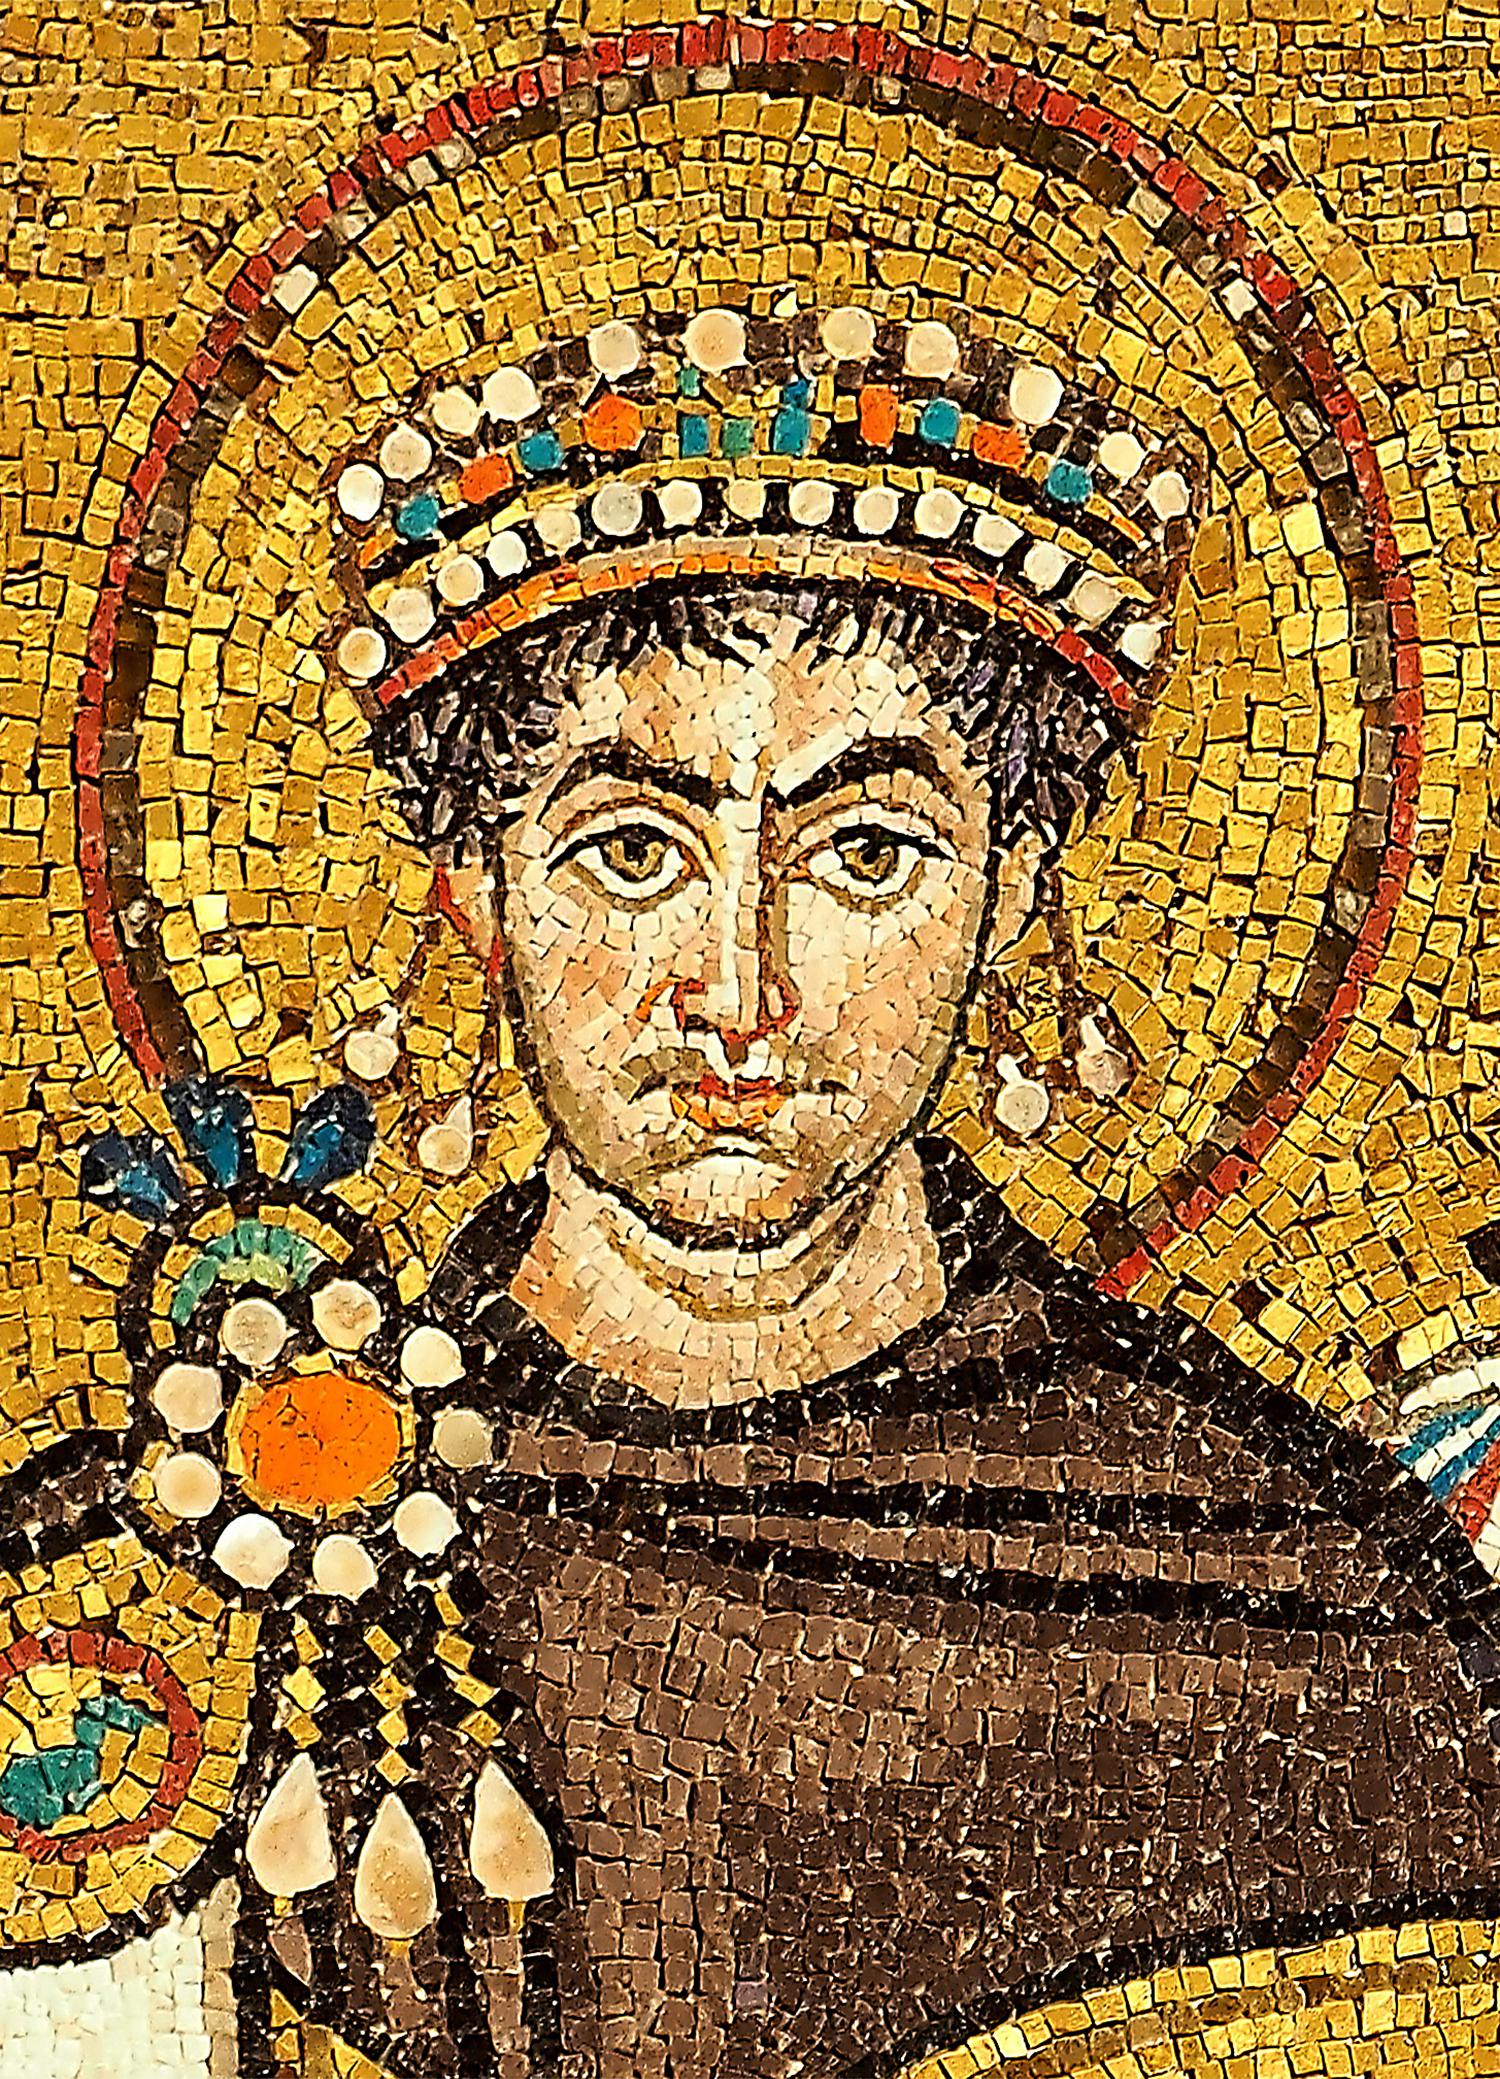 Justianianus Mosaic at Ravenna